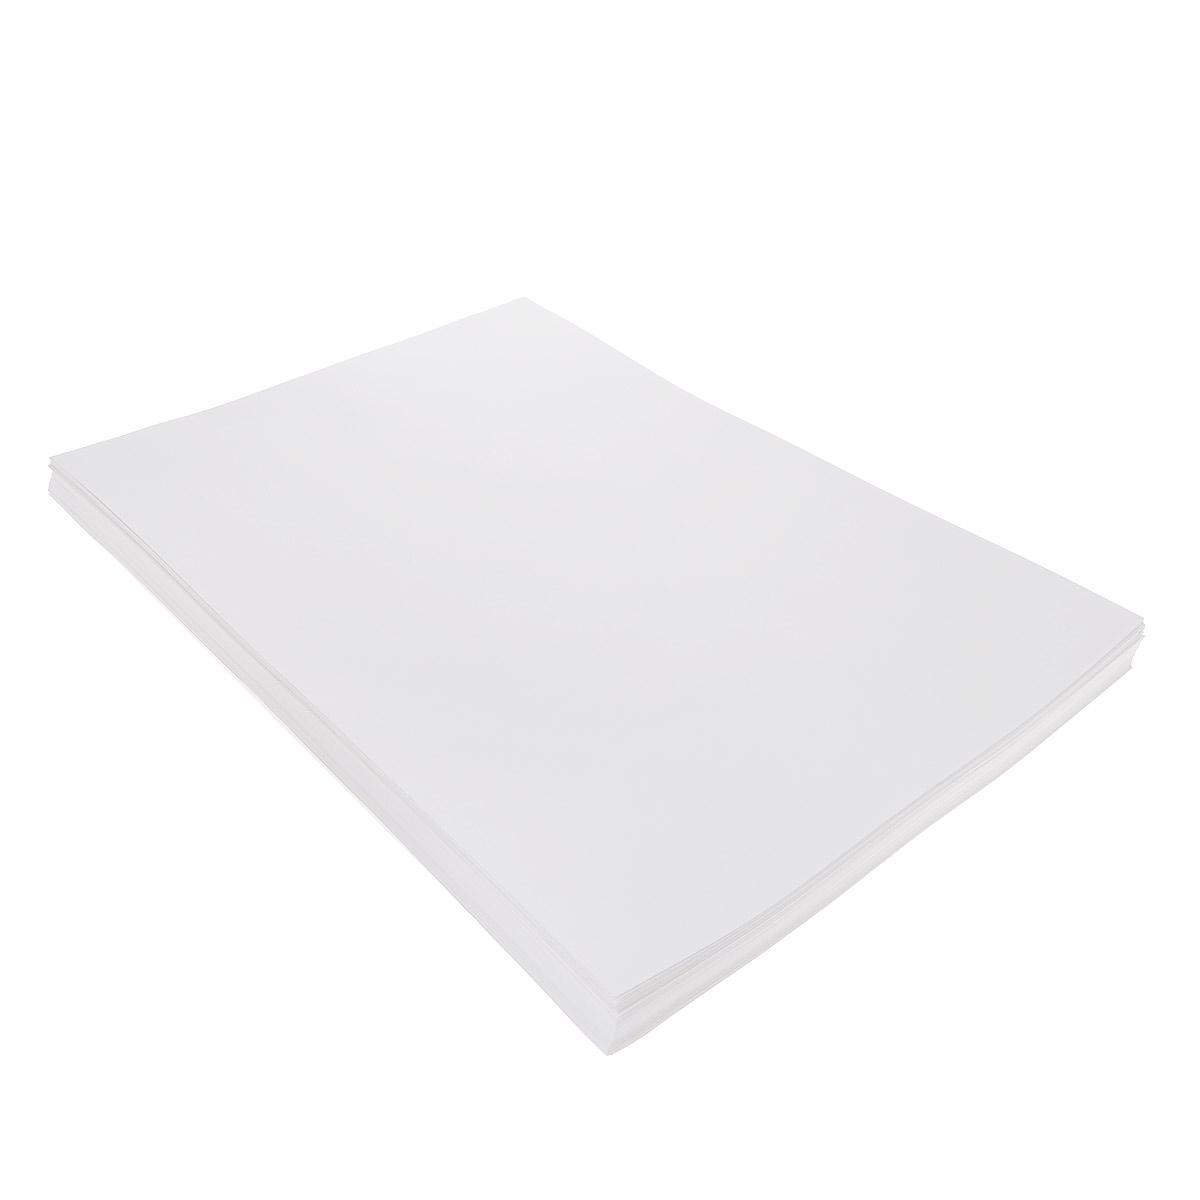 Бумага для черчения Гознак, 100 листов, формат А2. 001-0140001-0140Бумага для черчения Гознак идеально подходит для любых чертежно-графических работ. Высококачественная бумага пригодна как для работы тушью, так и карандашами, допускает пользование ластиком. Поверхность бумаги после многократных подчисток ластиком не скатывается под карандашом и сохраняет свою белизну. В комплекте 100 листов формата А2.